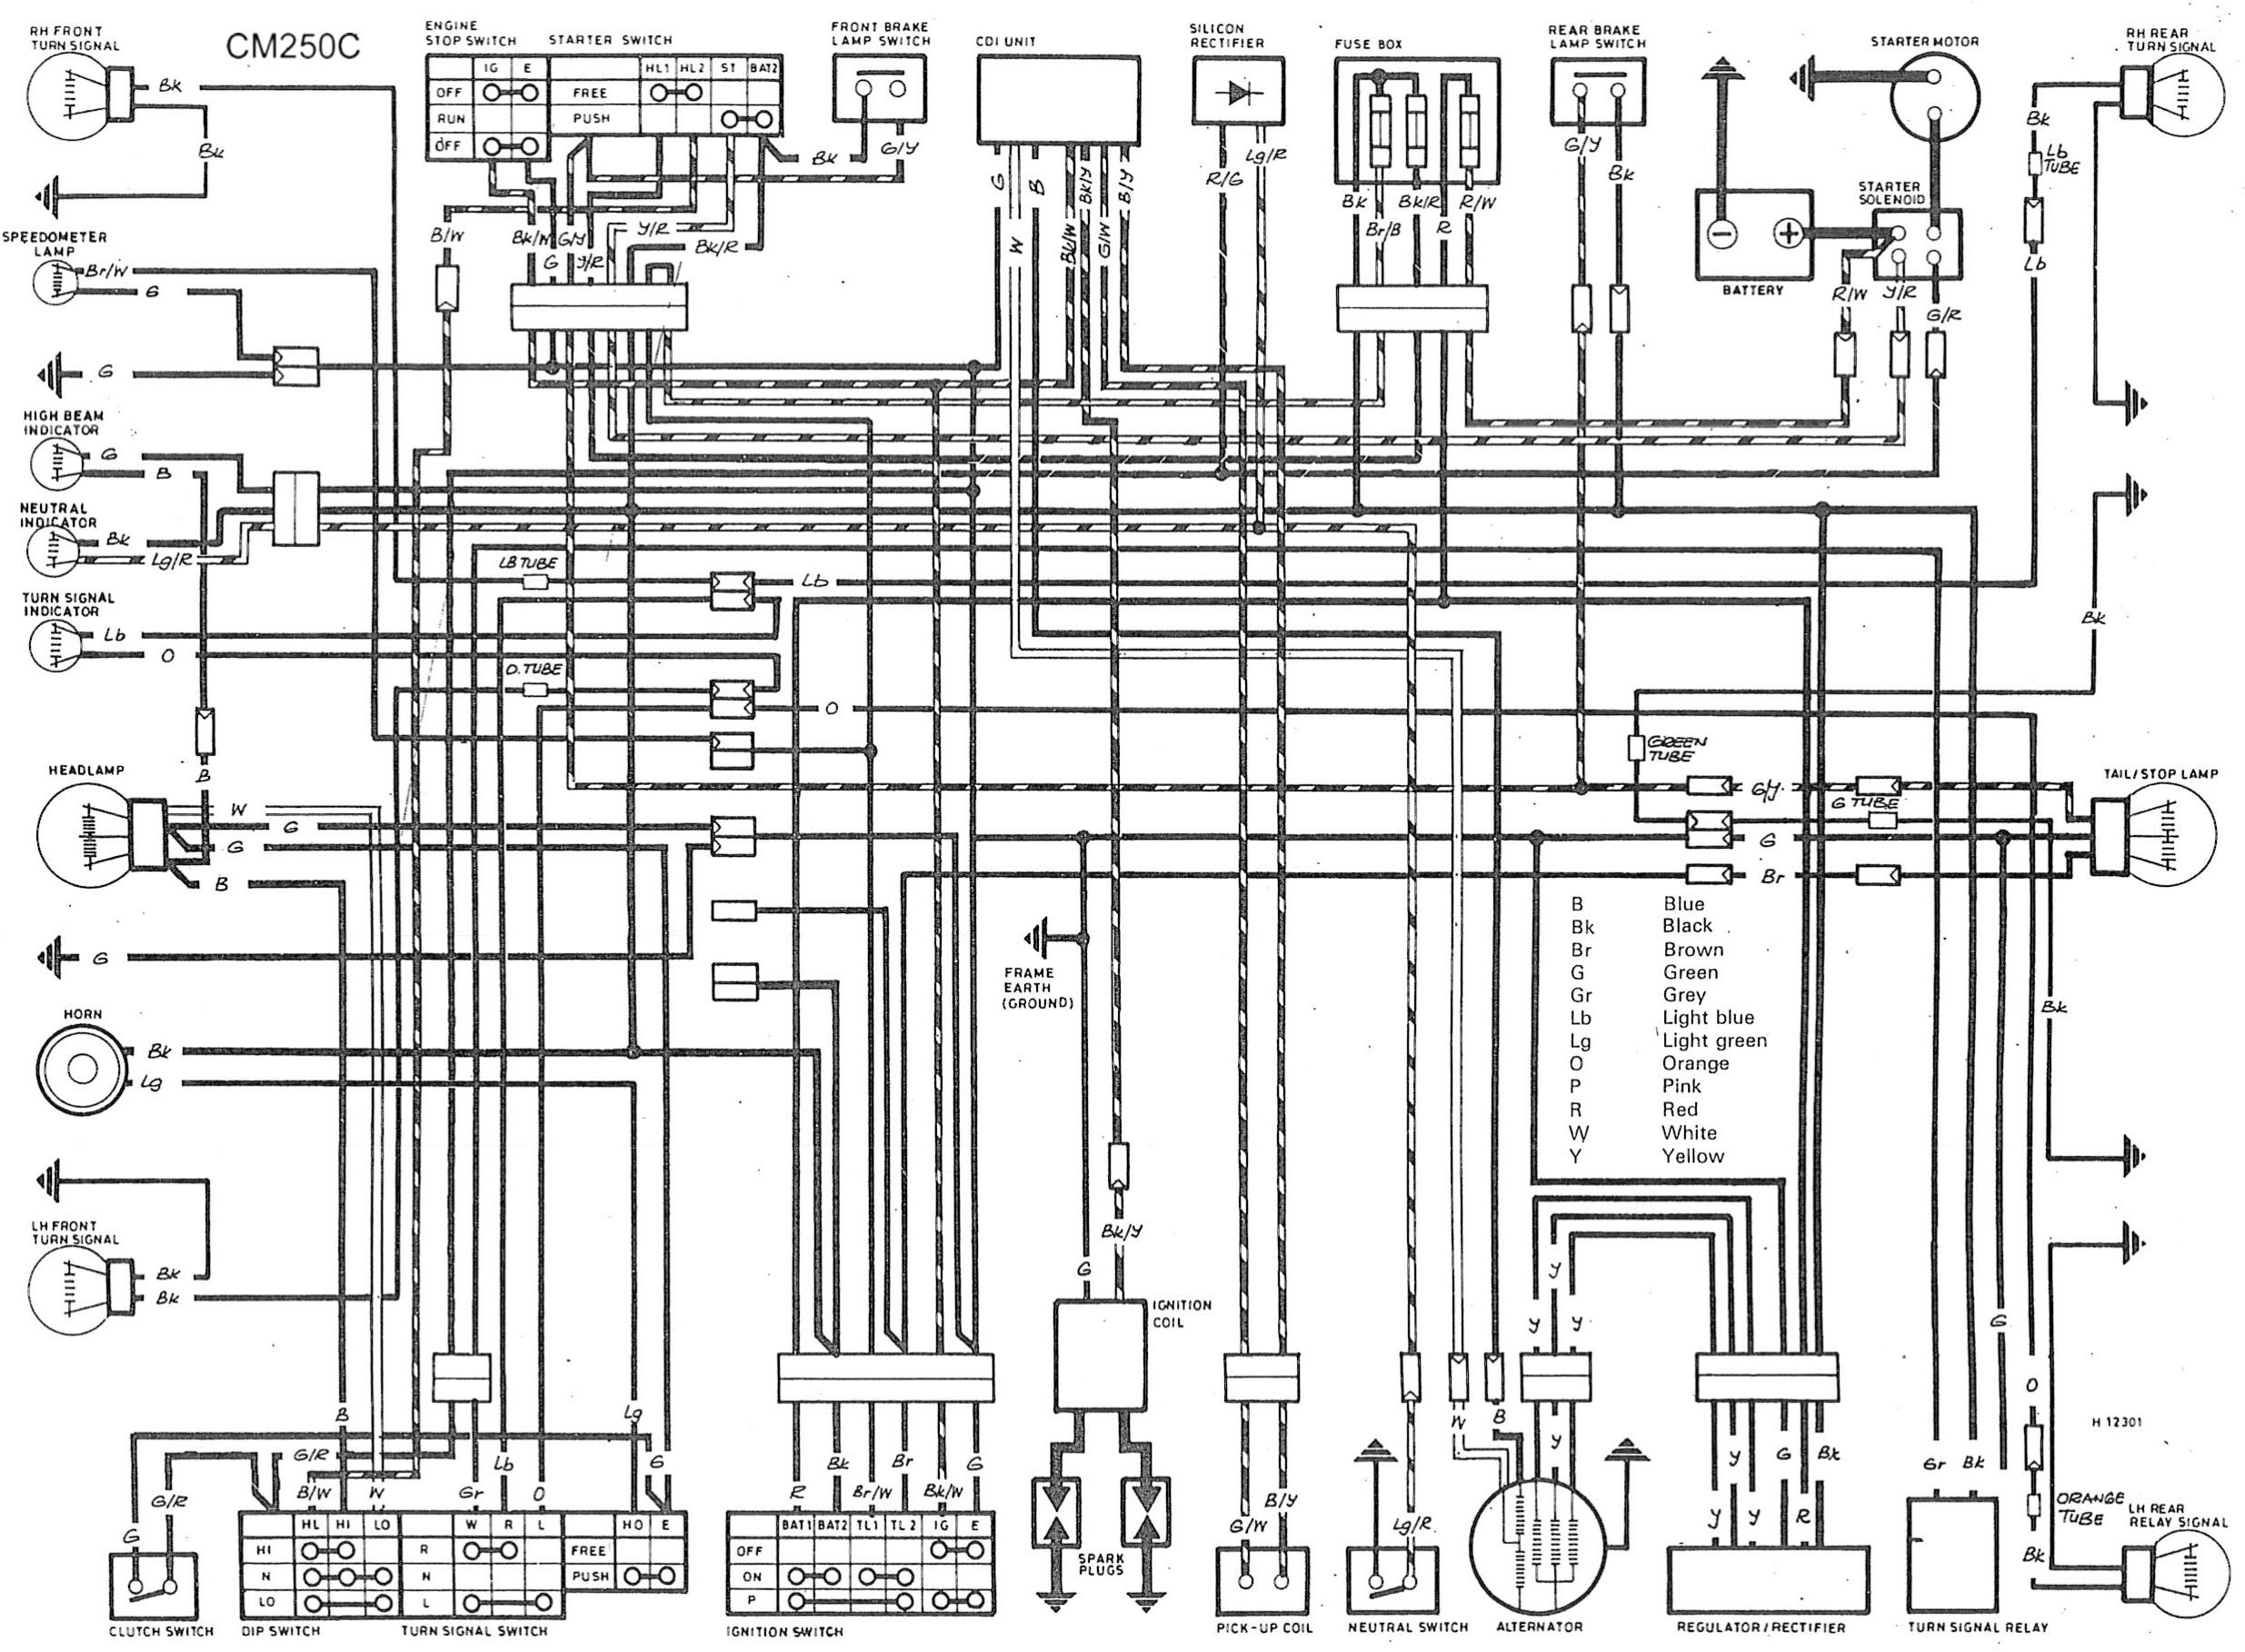 2010 honda rebel wiring diagram